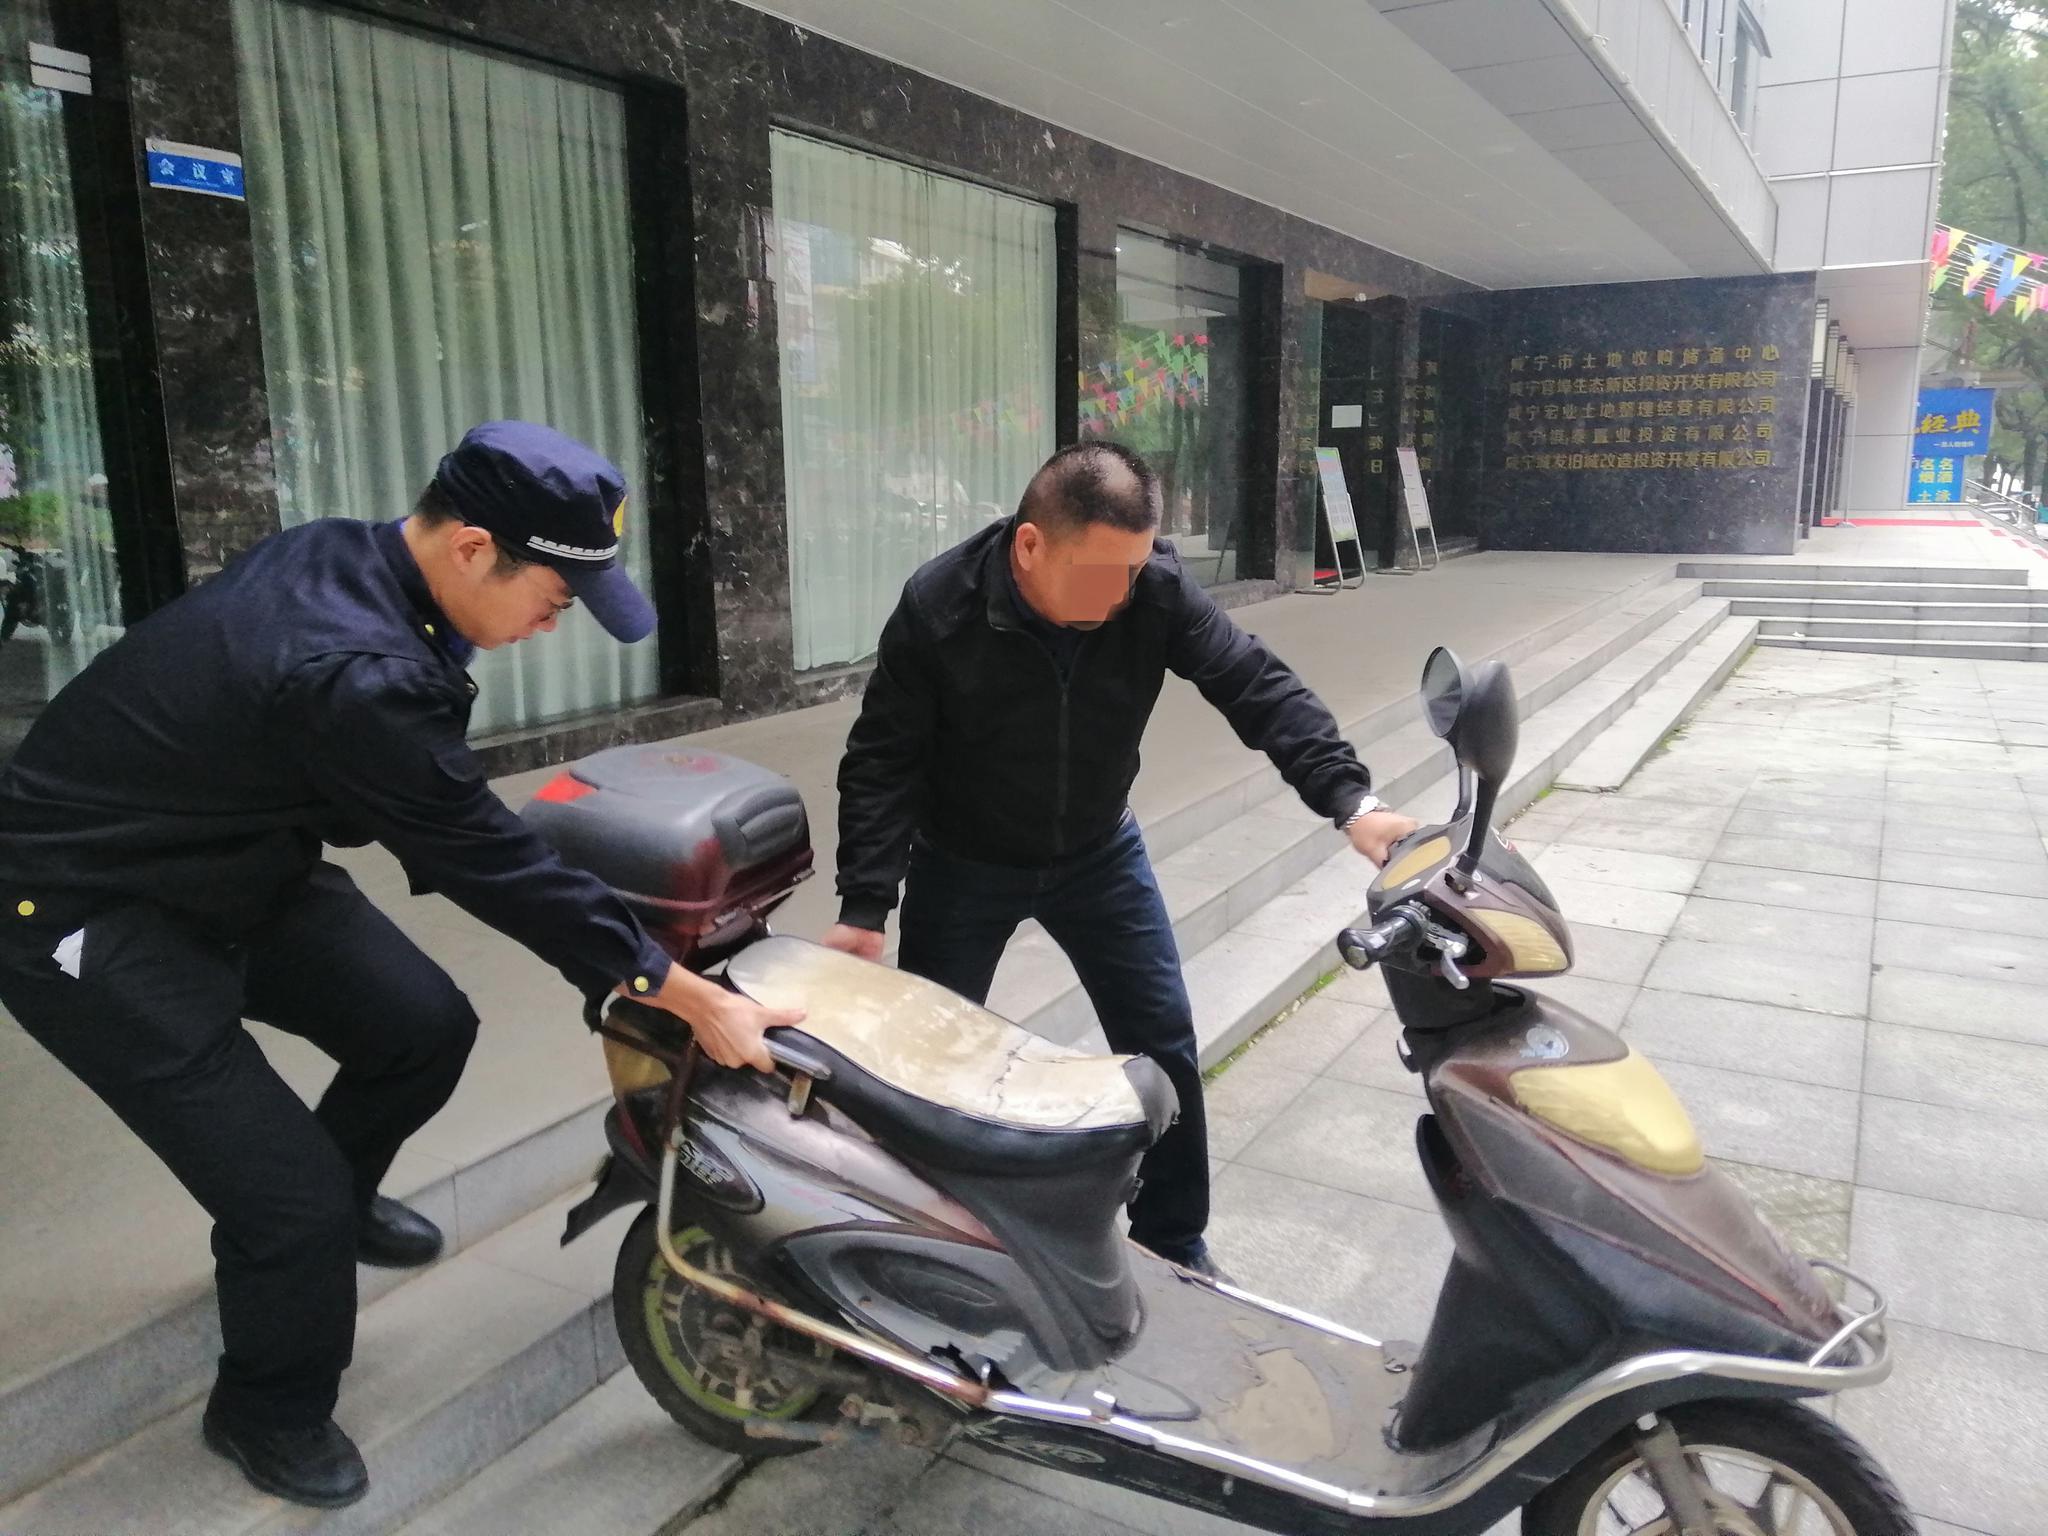 @咸宁人,发现人行道违停,请打这个电话